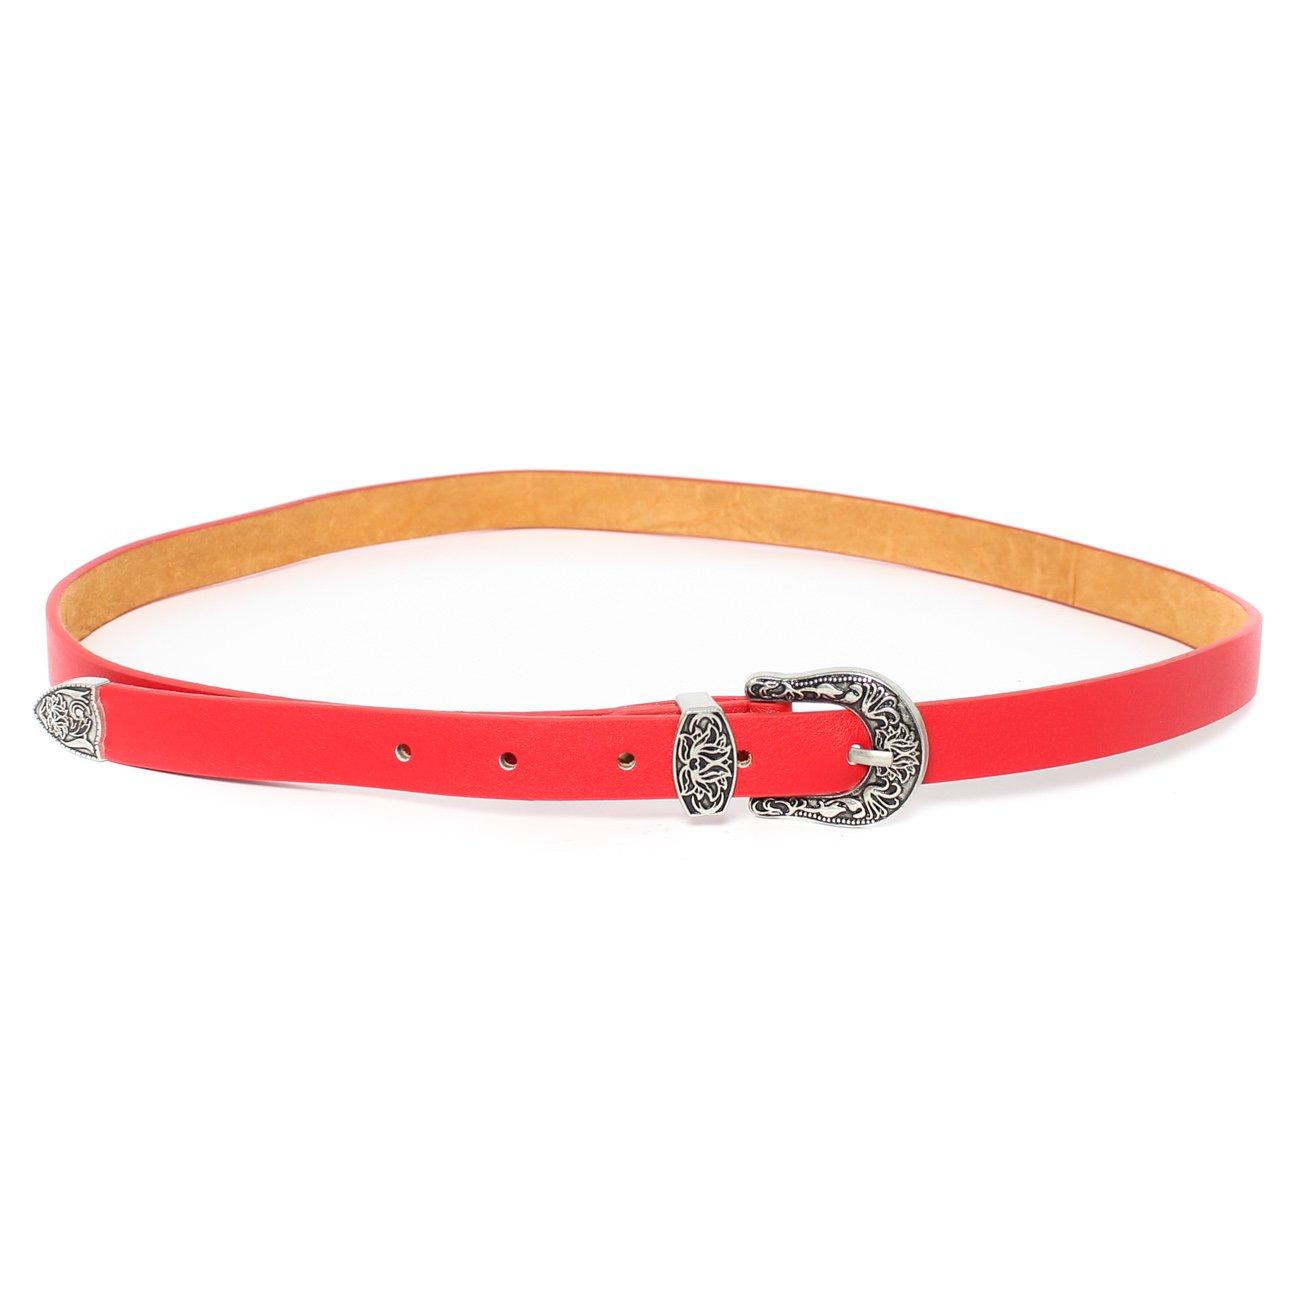 Cinturón Hebilla labrada Western en color Rojo o Negro